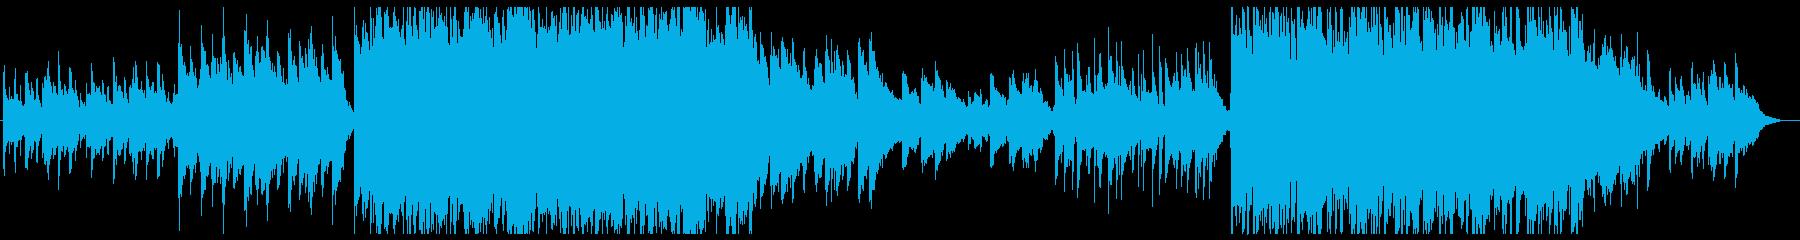 和風音階 笛メロ 弦楽の現代的アレンジの再生済みの波形